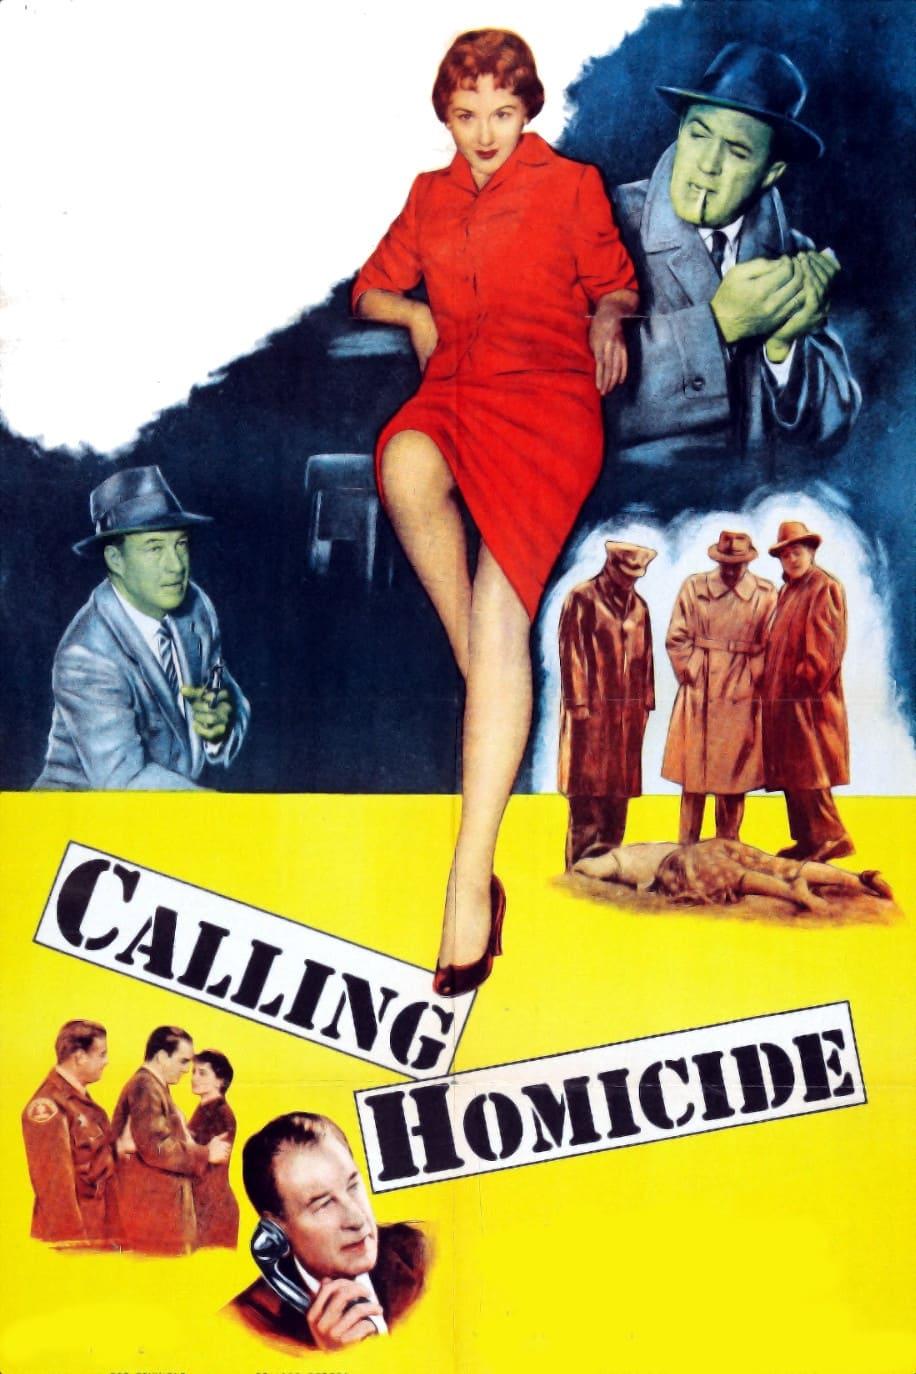 Calling Homicide